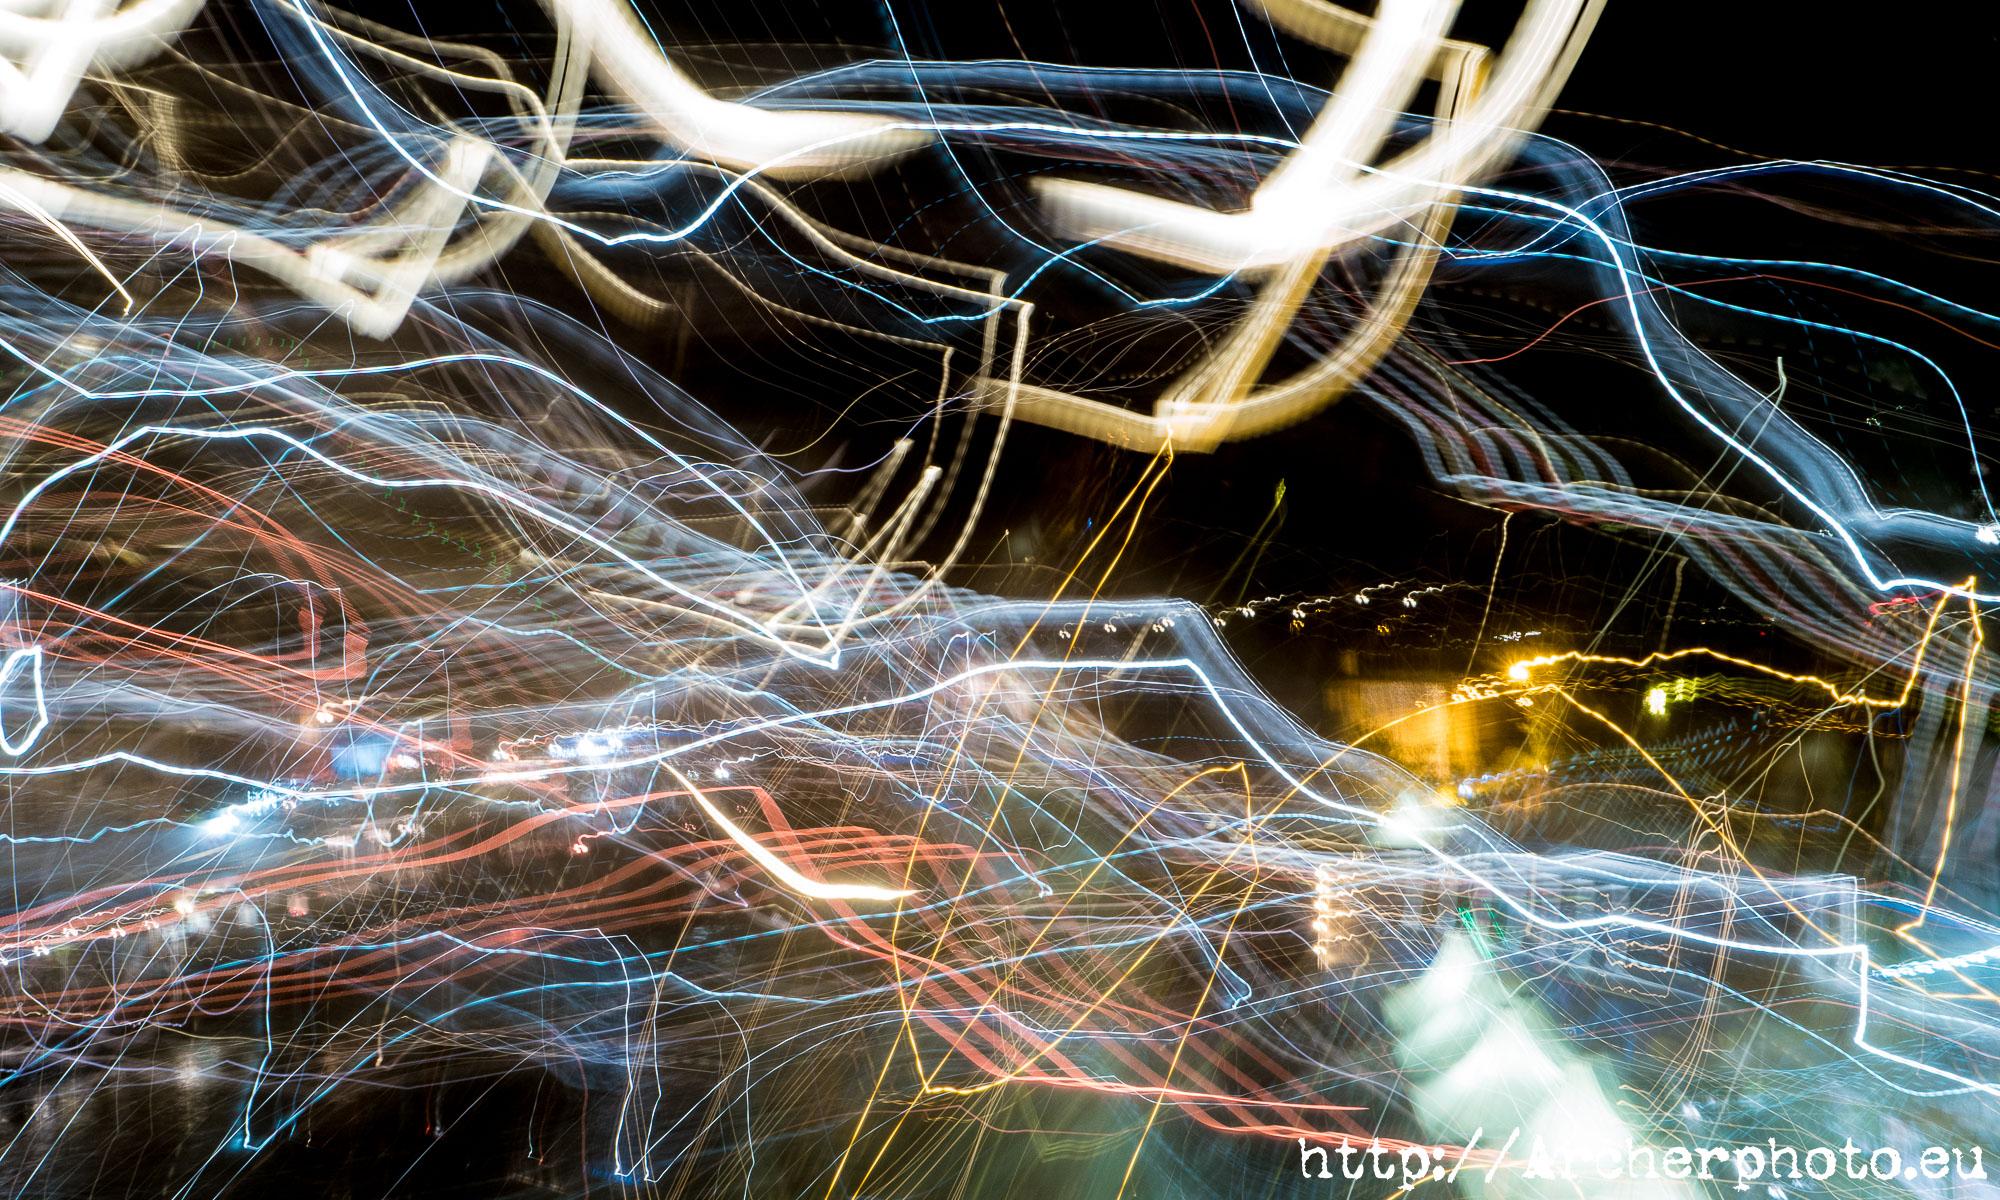 larga exposición y luces en Roma, por Archerphoto, fotógrafo profesional